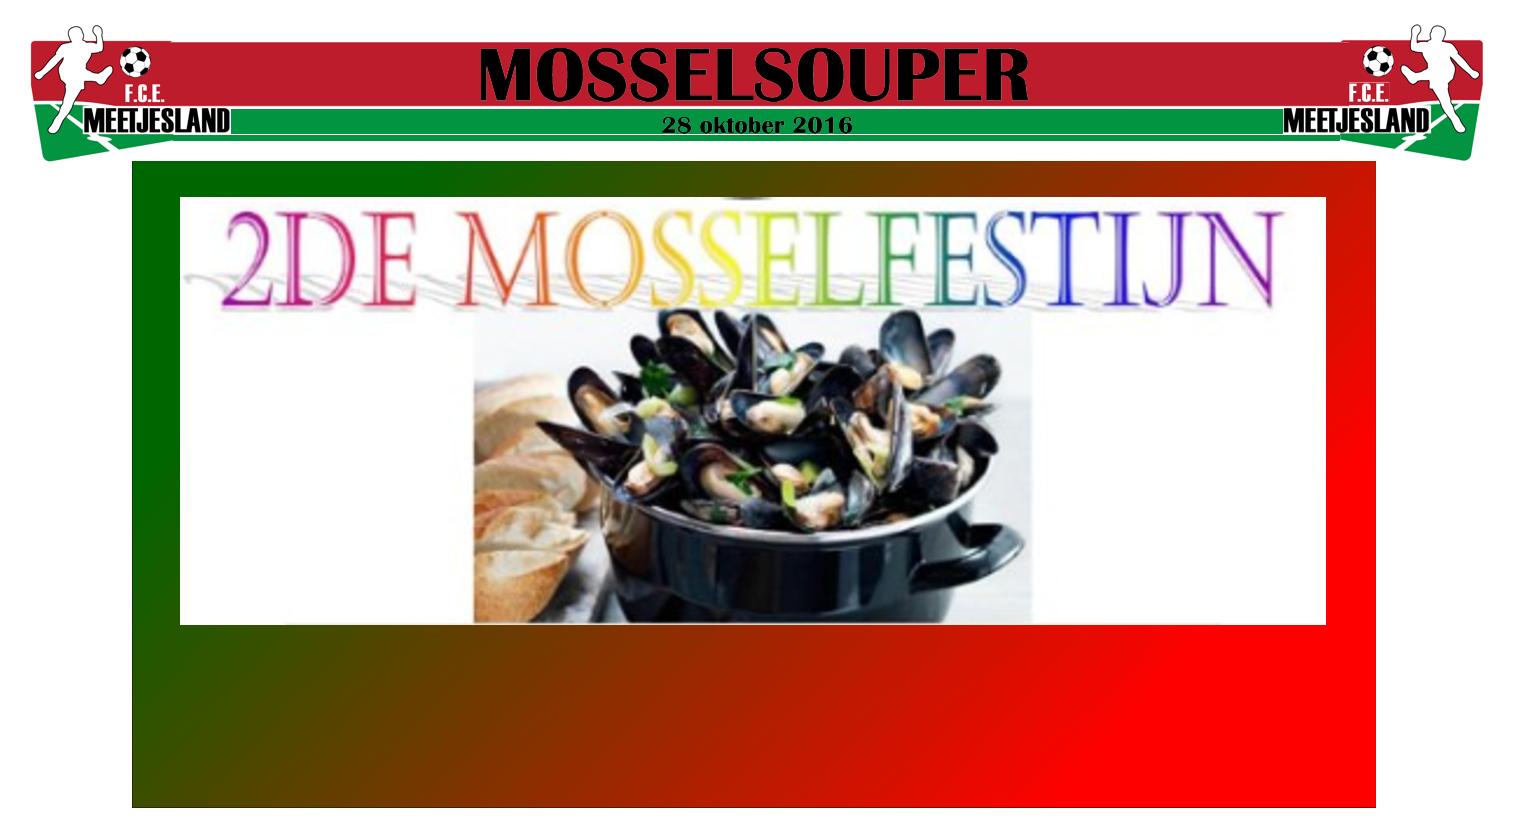 20161028-mosselsouper